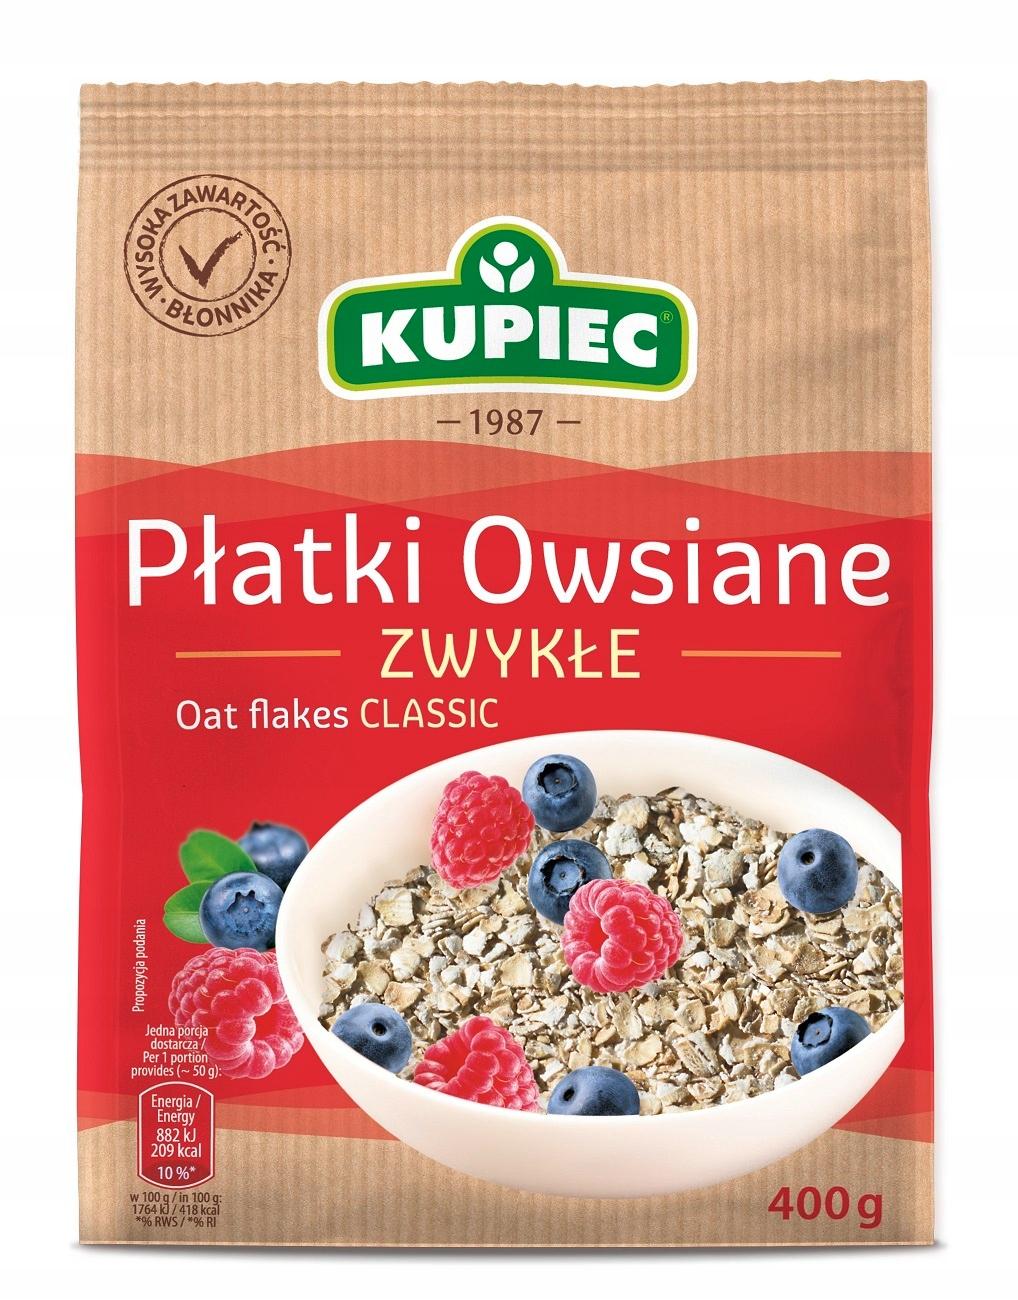 Купить PŁATKI OWSIANE ZWYKŁE Kupiec 400g x 6 sztuk на Otpravka - цены и фото - доставка из Польши и стран Европы в Украину.